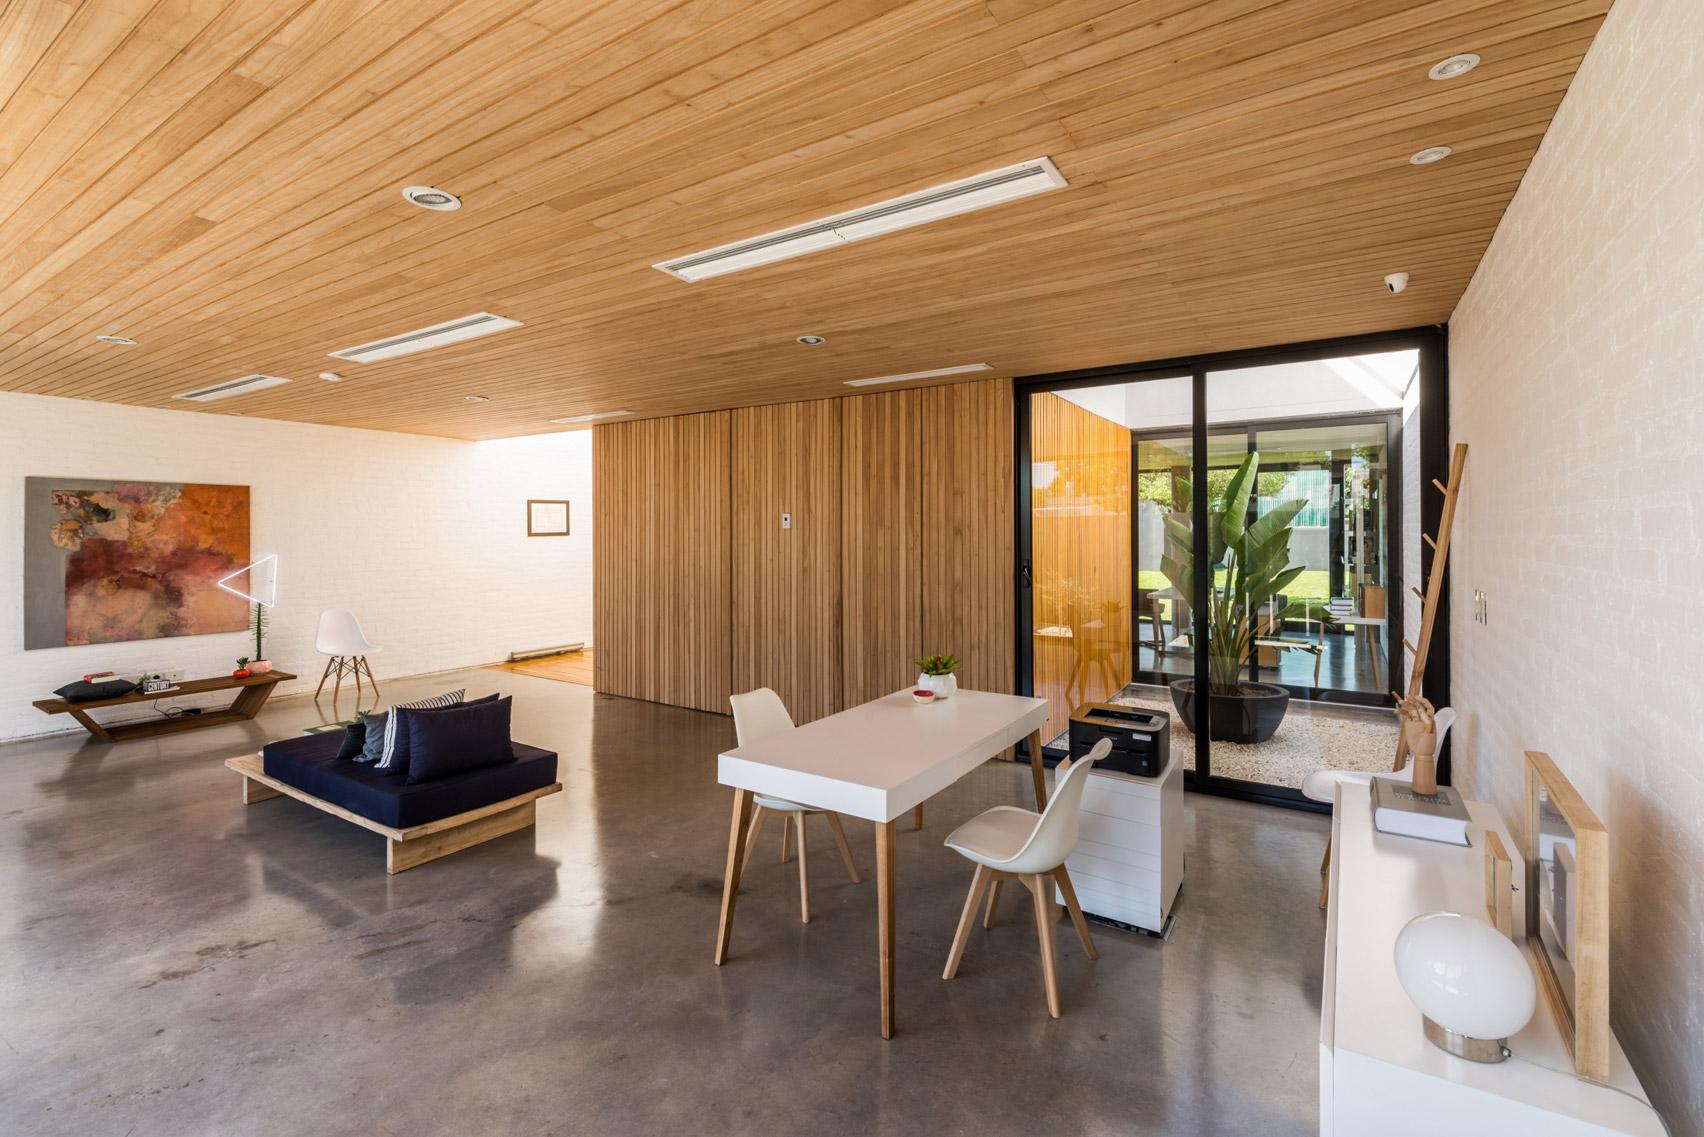 Mẫu nhà gỗ hiện đại 6